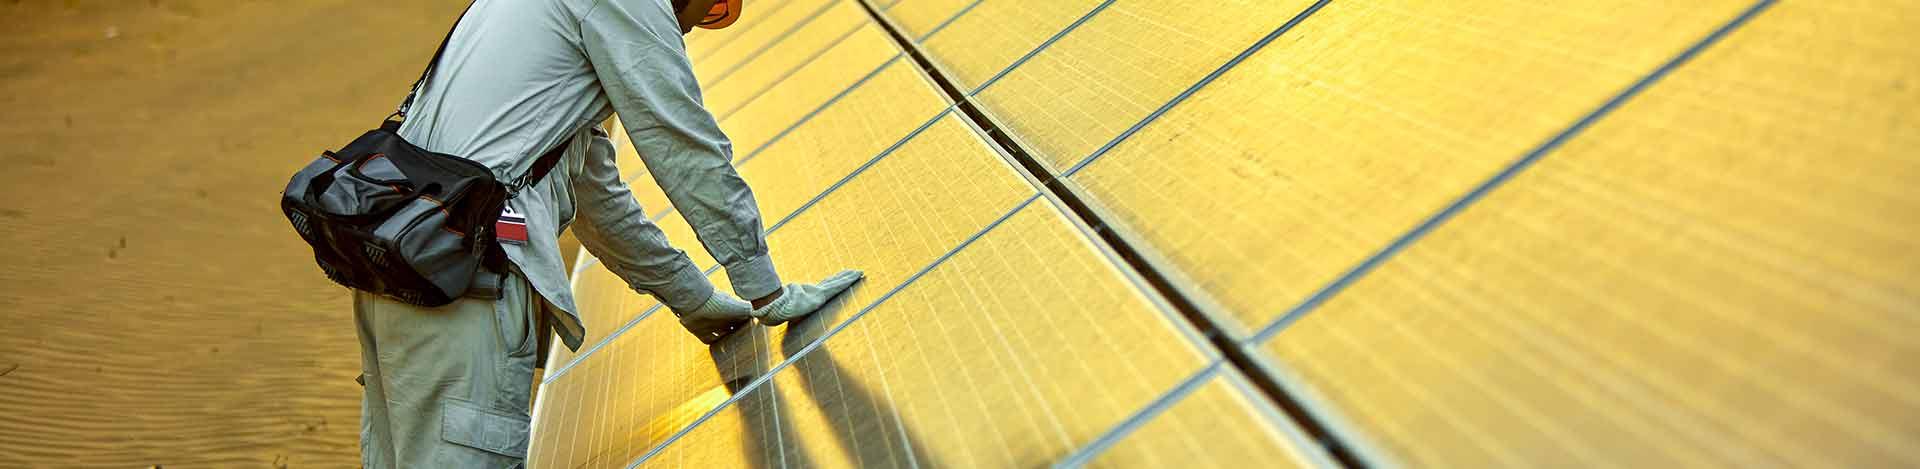 Les panneaux solaires et la pollution